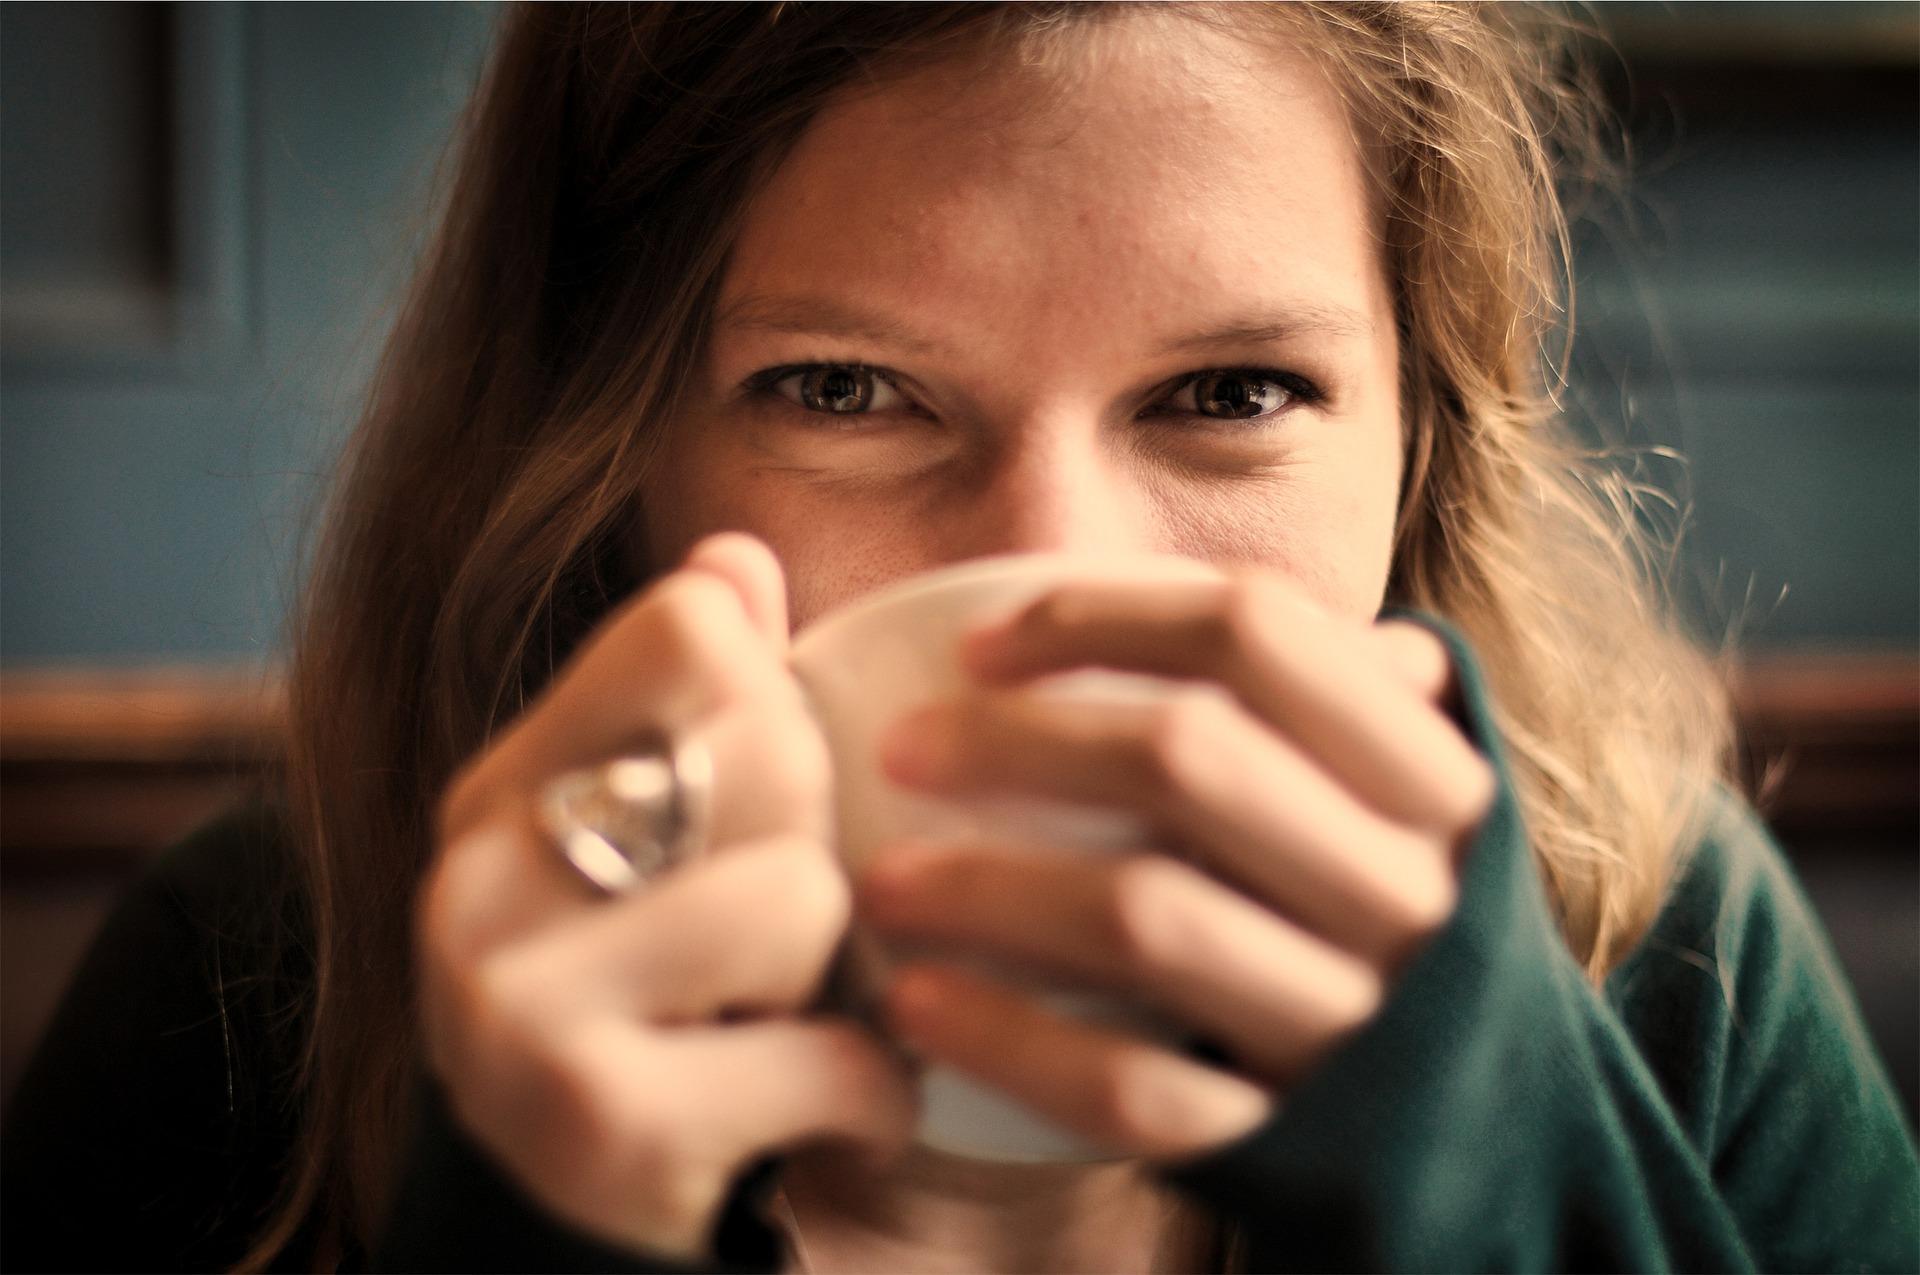 Chica joven bebiendo en una taza